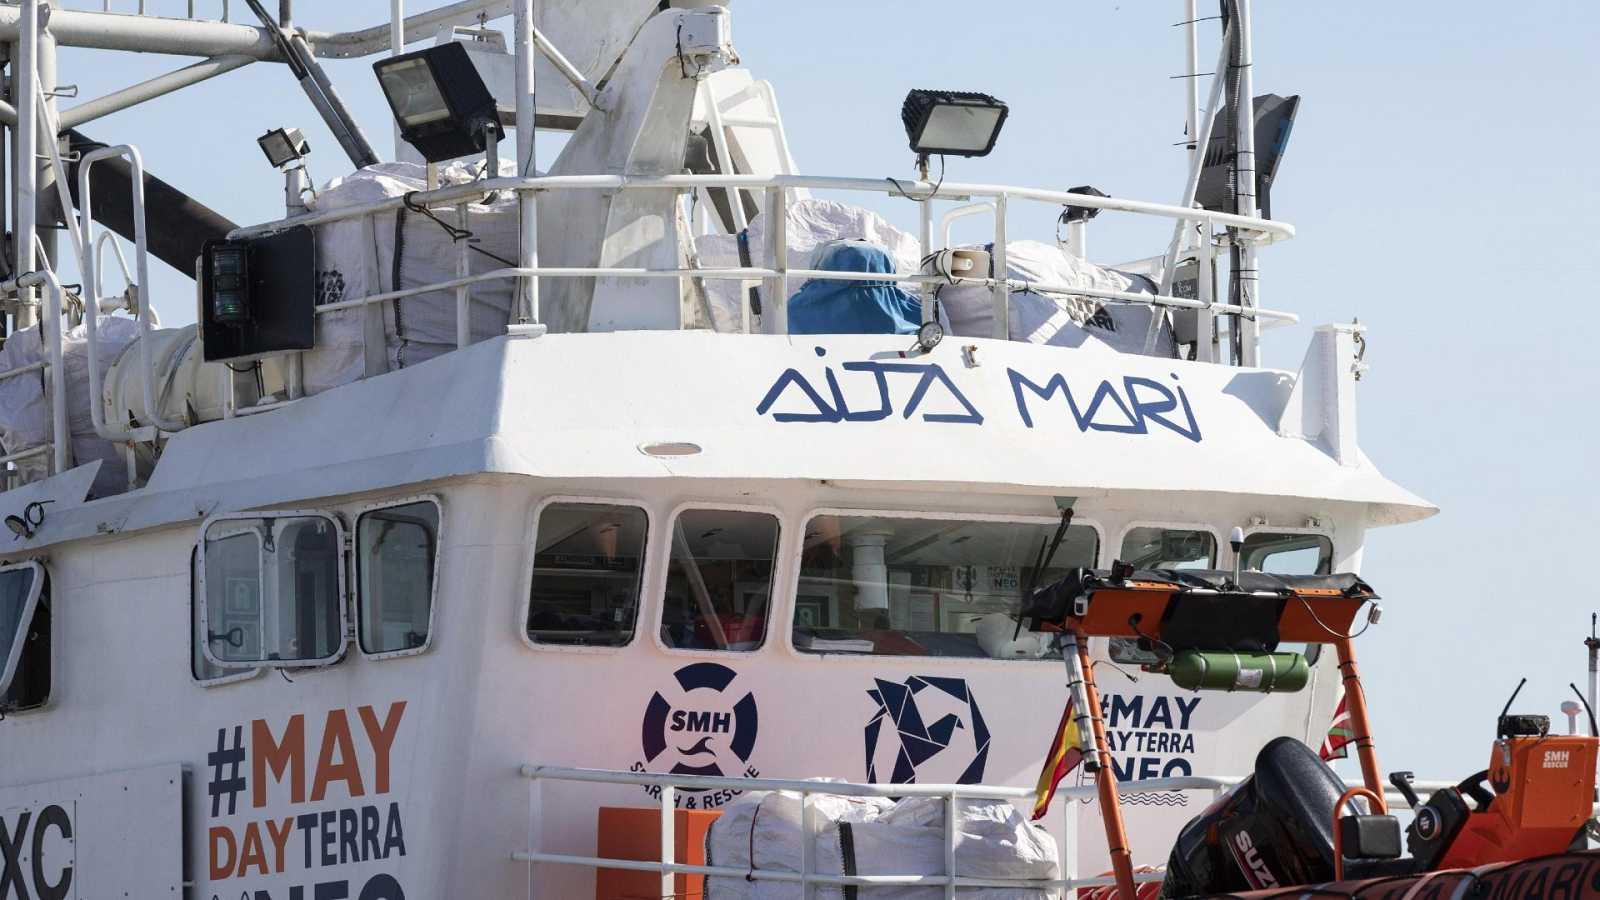 El 'Aita Mari' rescata 148 personas cerca de la costa de Malta